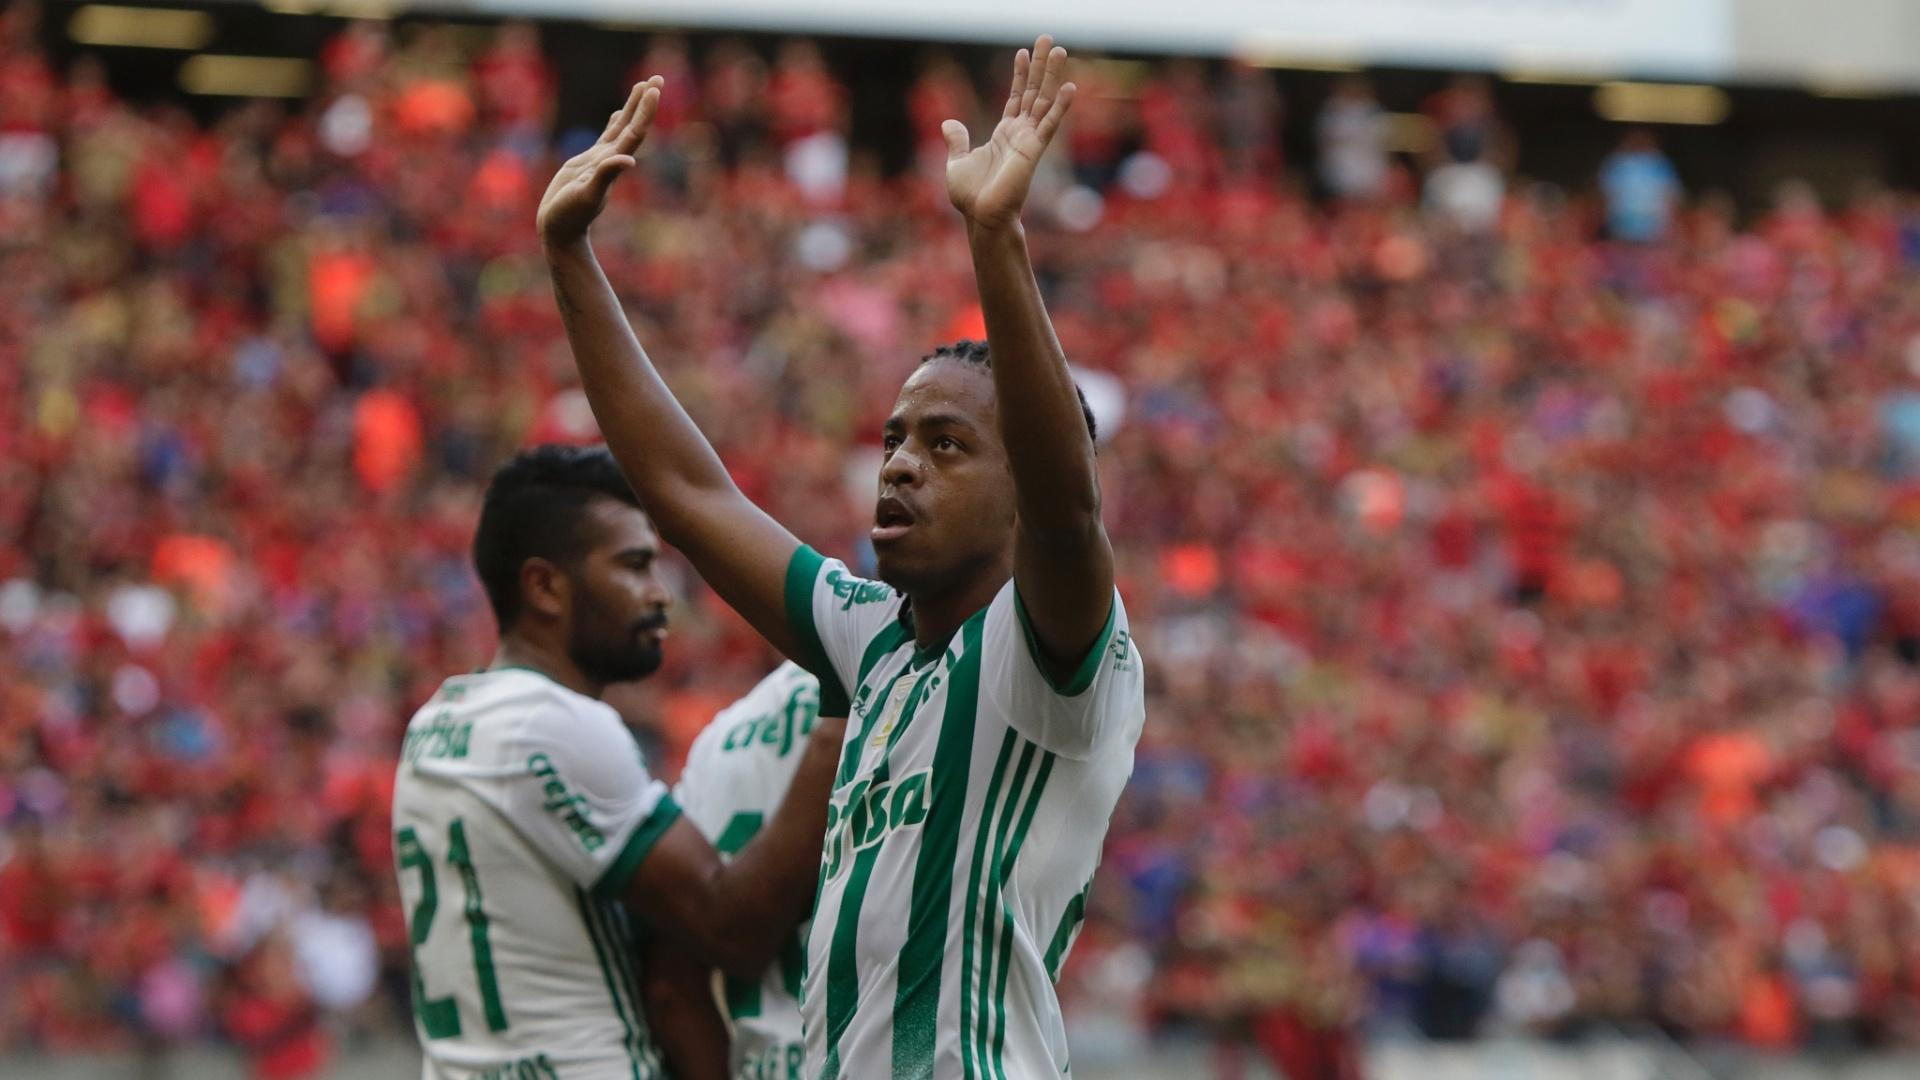 Keno marcou o segundo gol do Palmeiras sobre o Sport na Arena Pernambuco